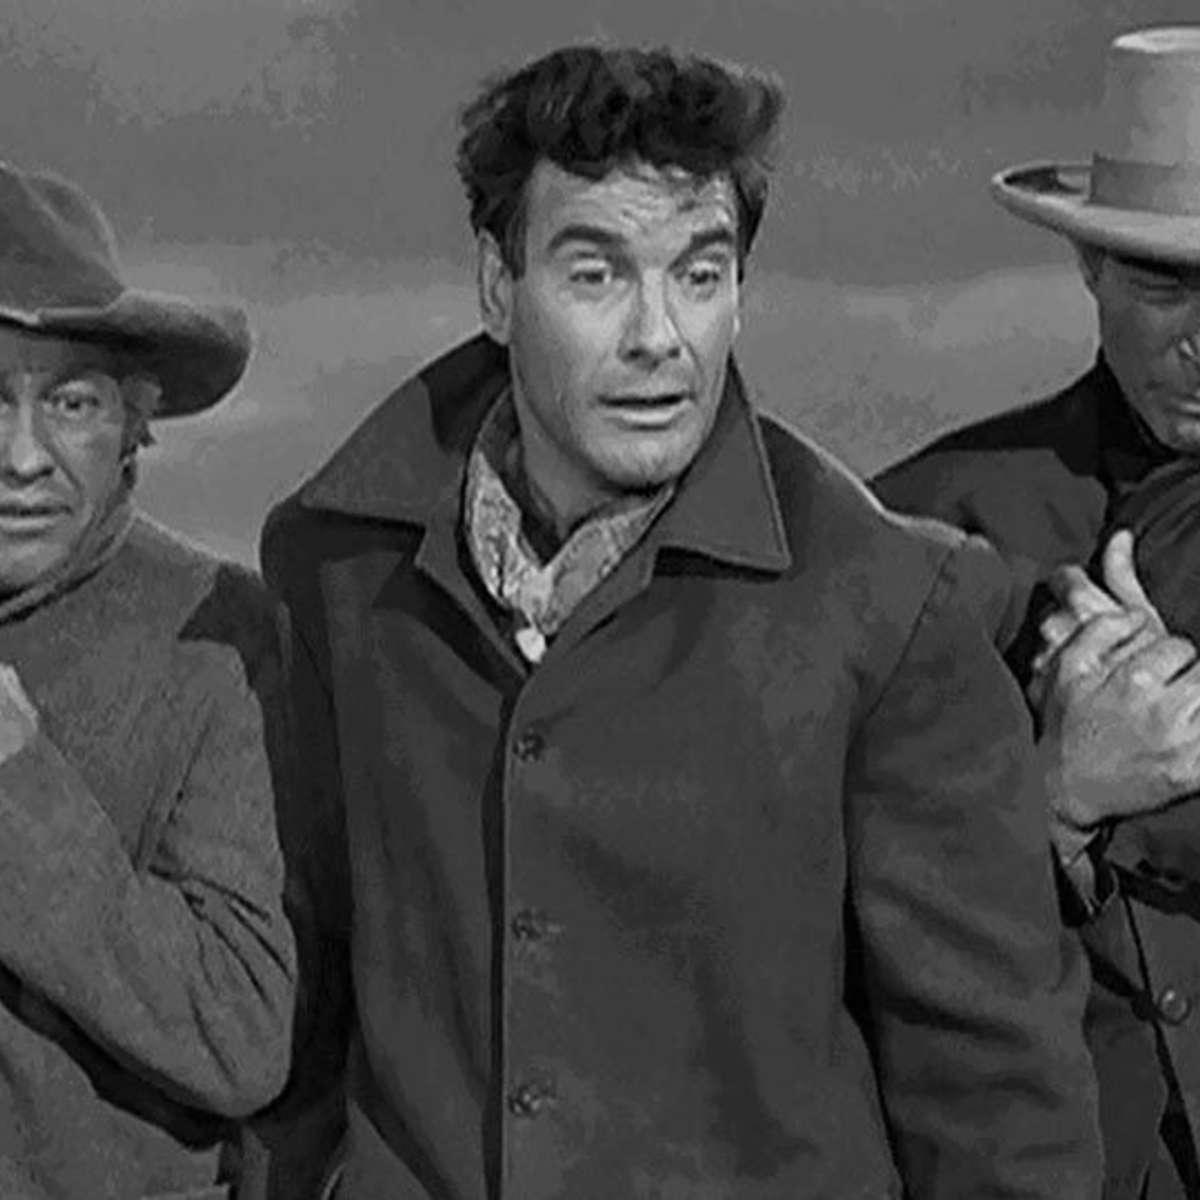 Twilight Zone The Grave trio hero